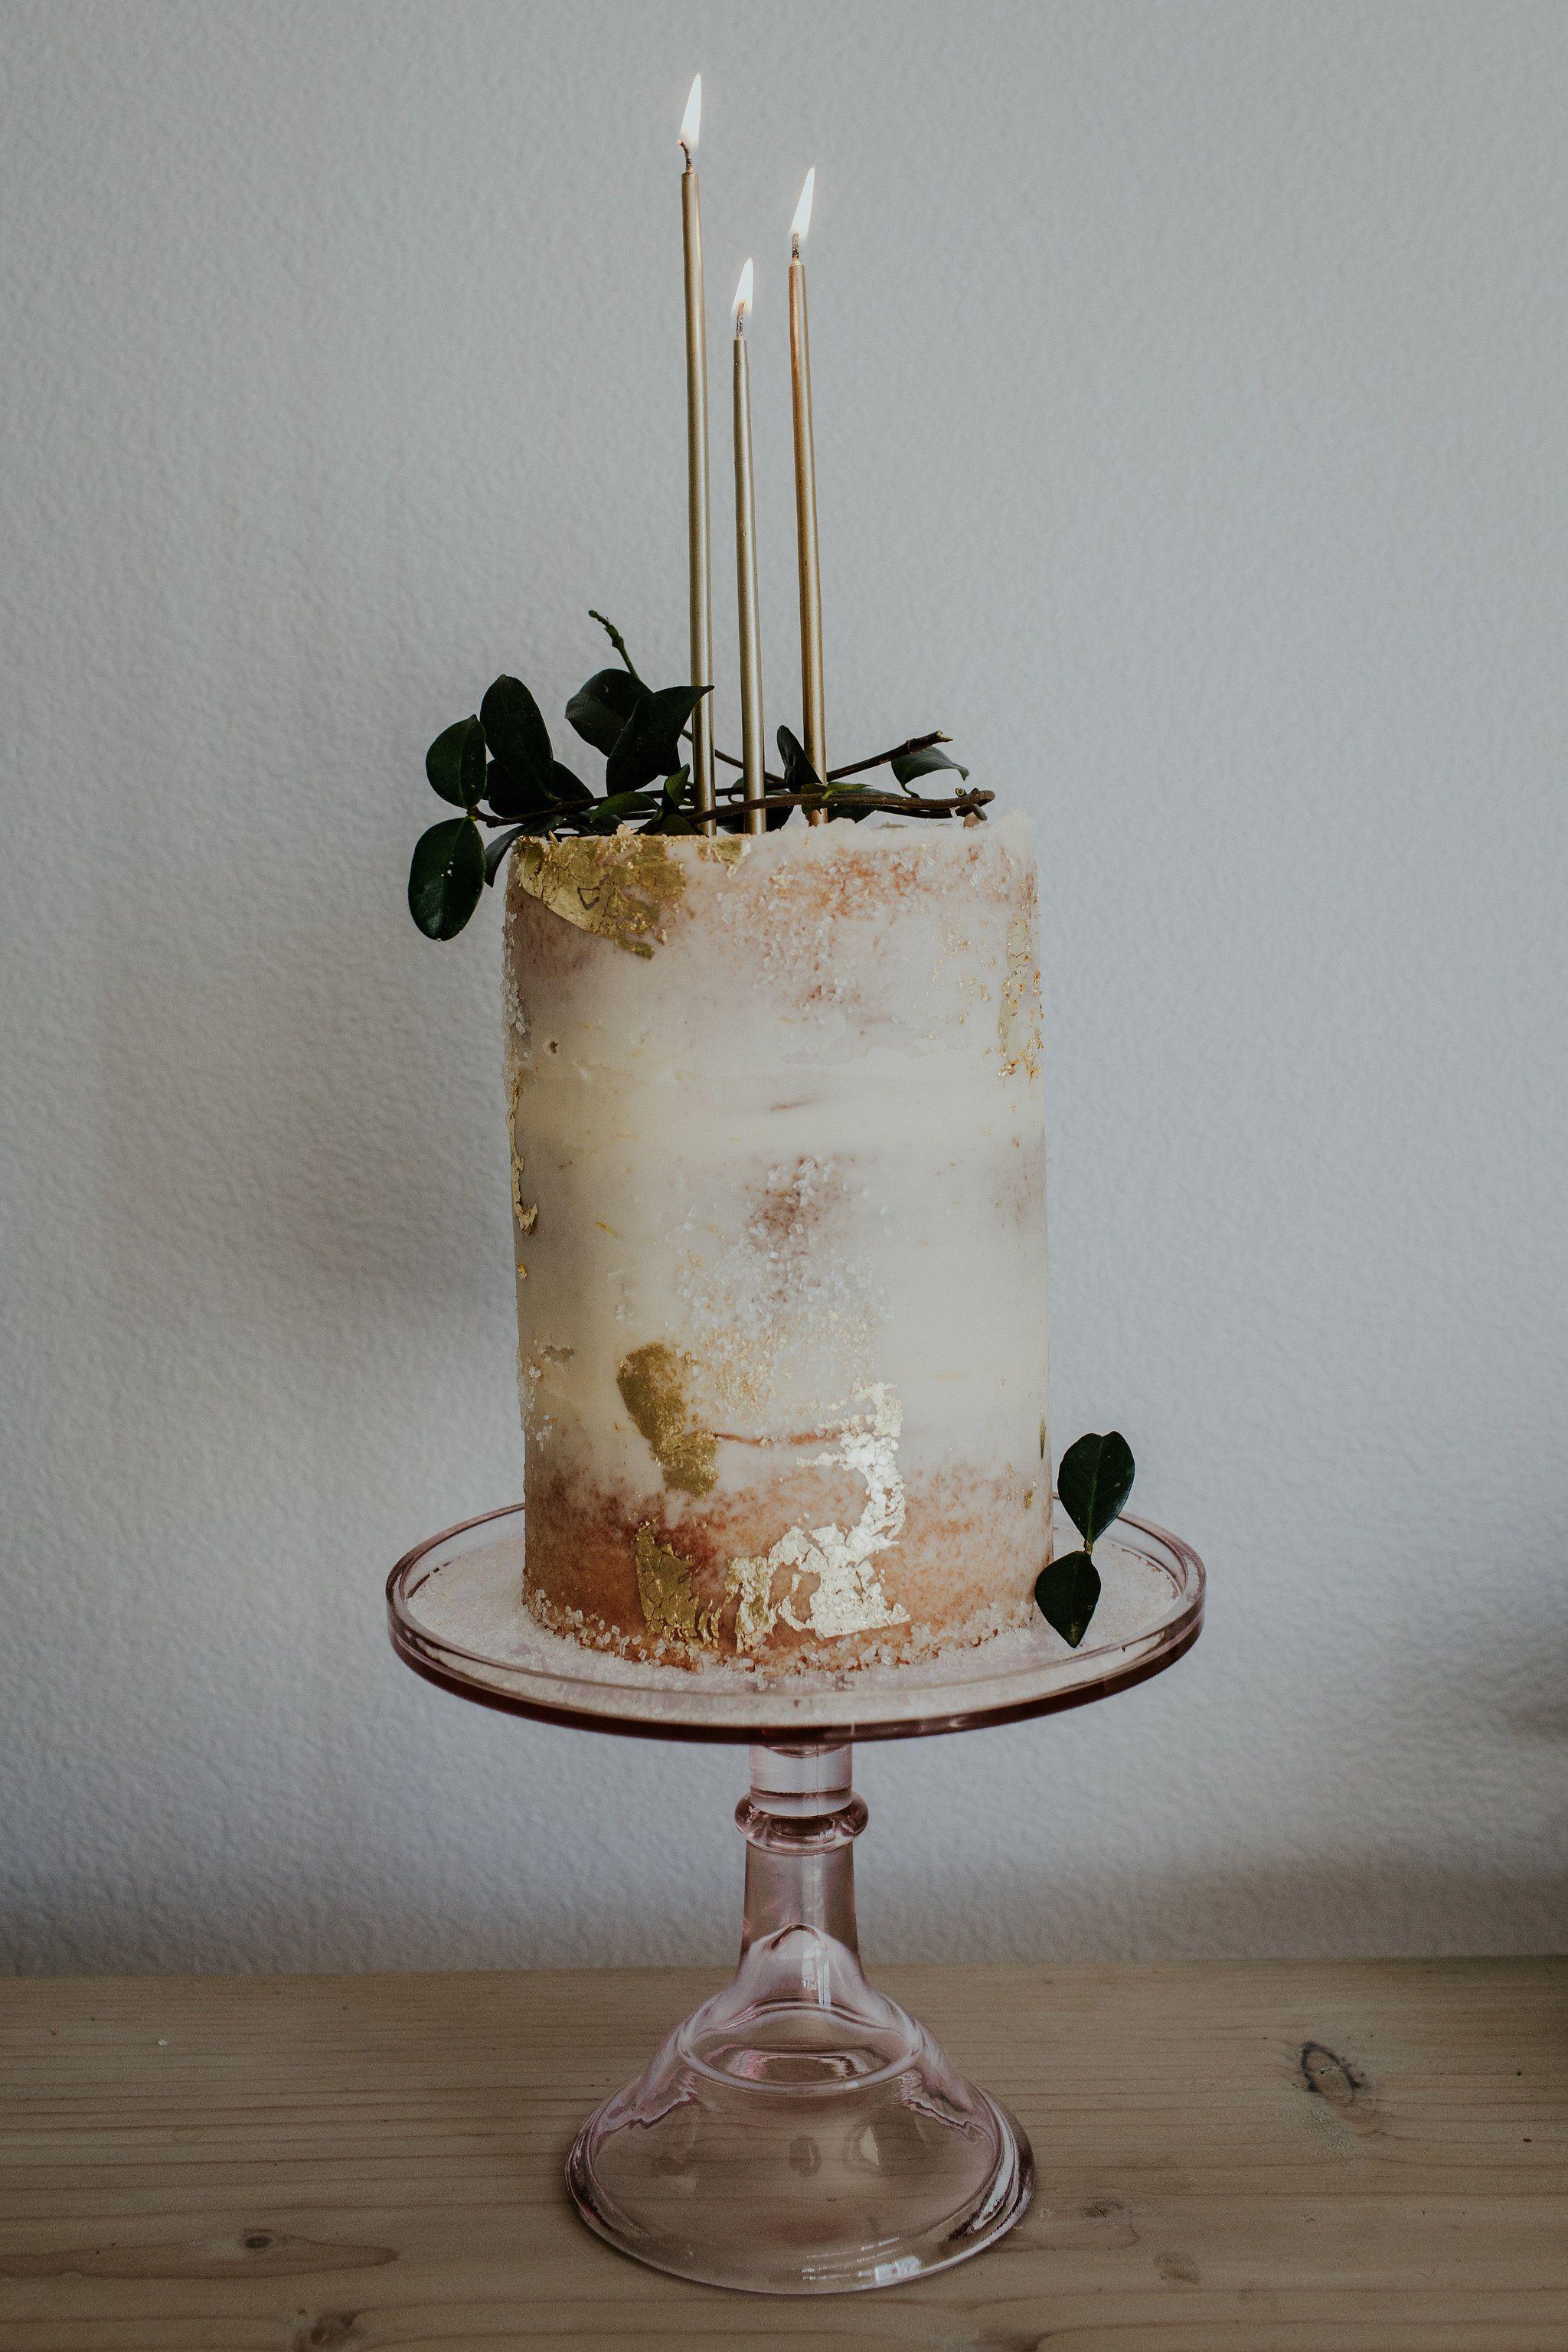 Gold Leaf Birthday Cake Bttrcrm Pretty Birthday Cakes Elegant Birthday Cakes Gluten Free Wedding Cake